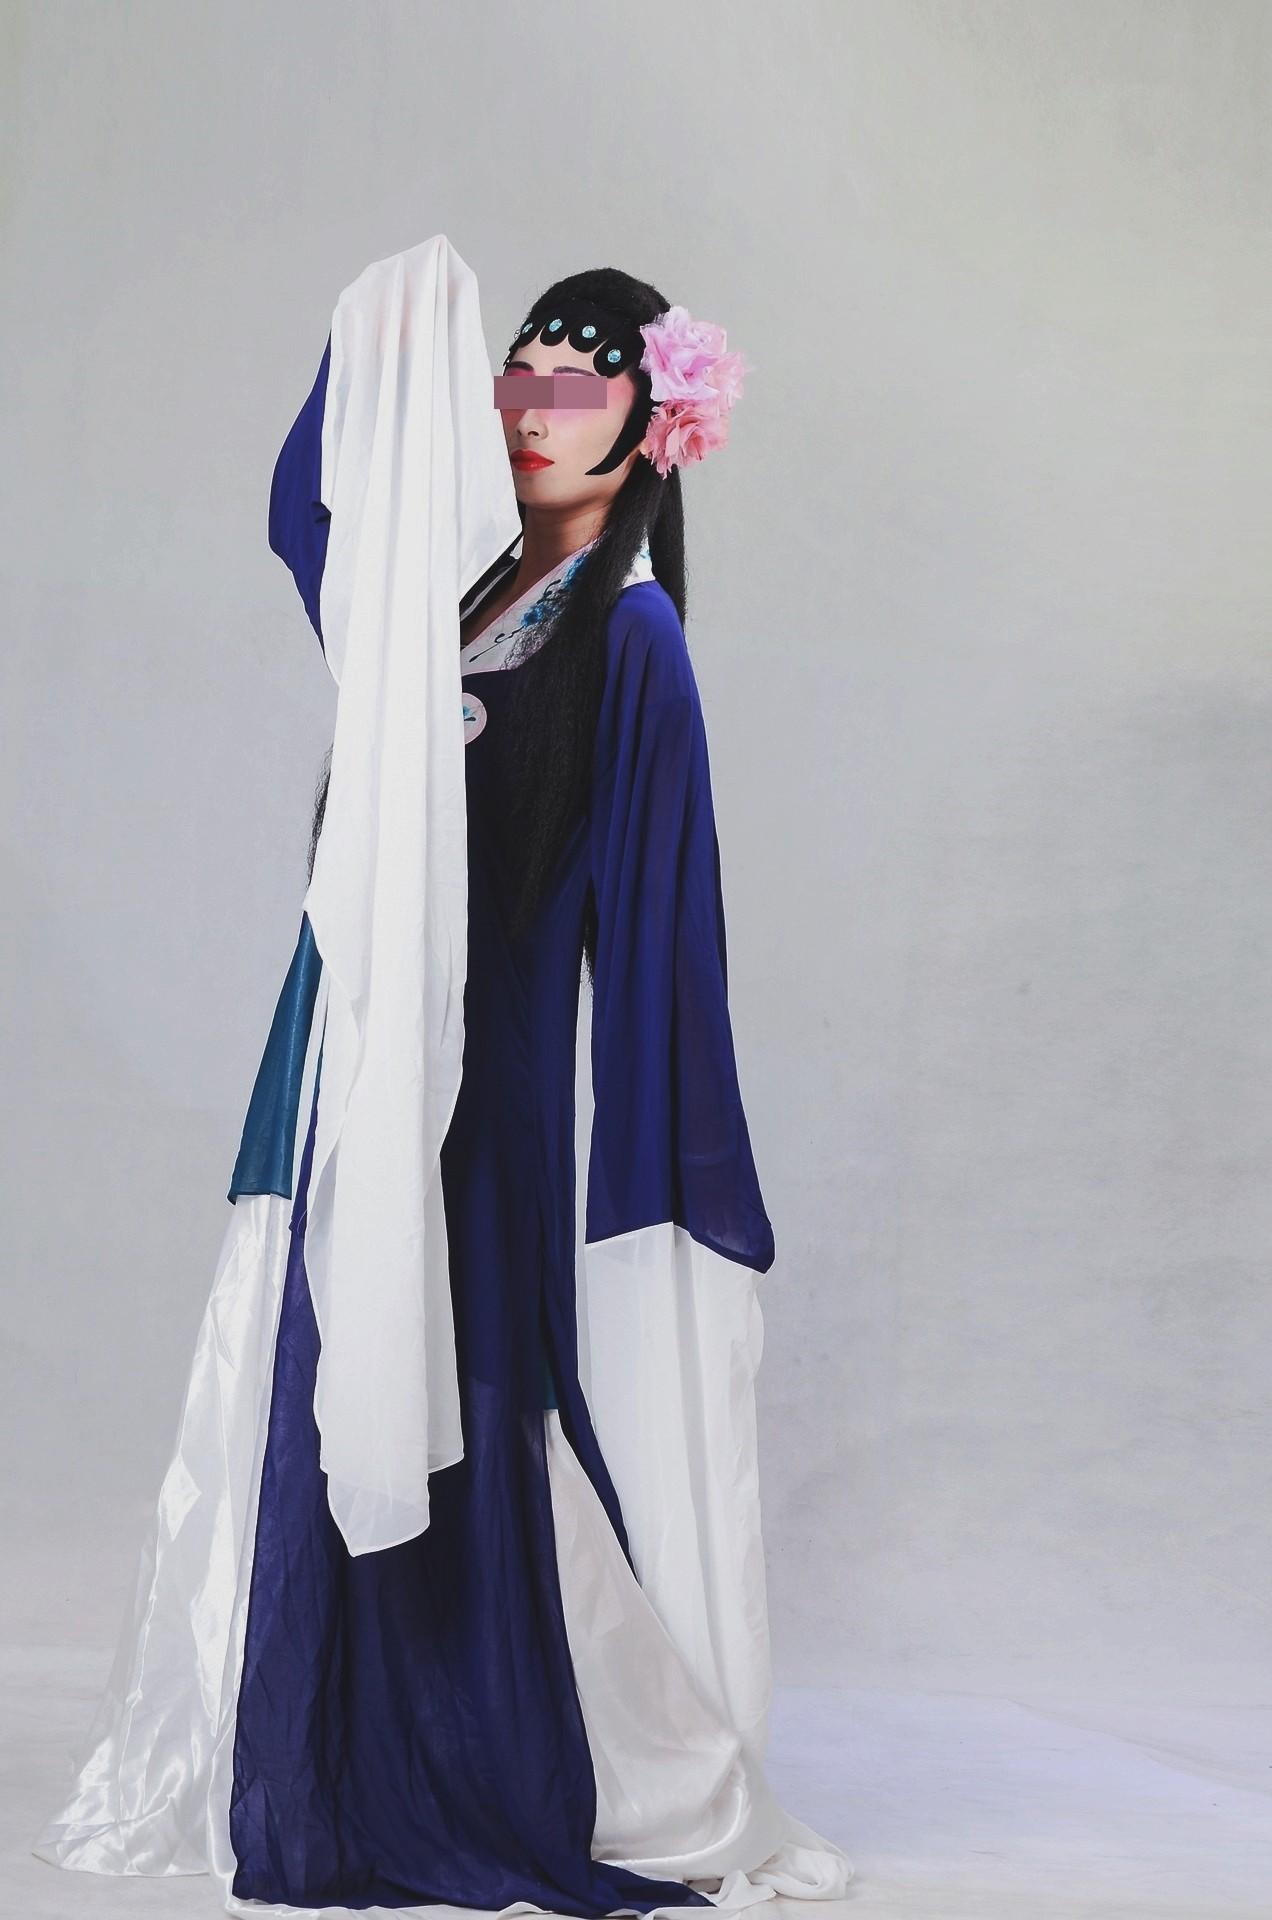 ▲戲曲,京劇,戲班,女旦 。(圖/取自免費圖庫Pixabay)